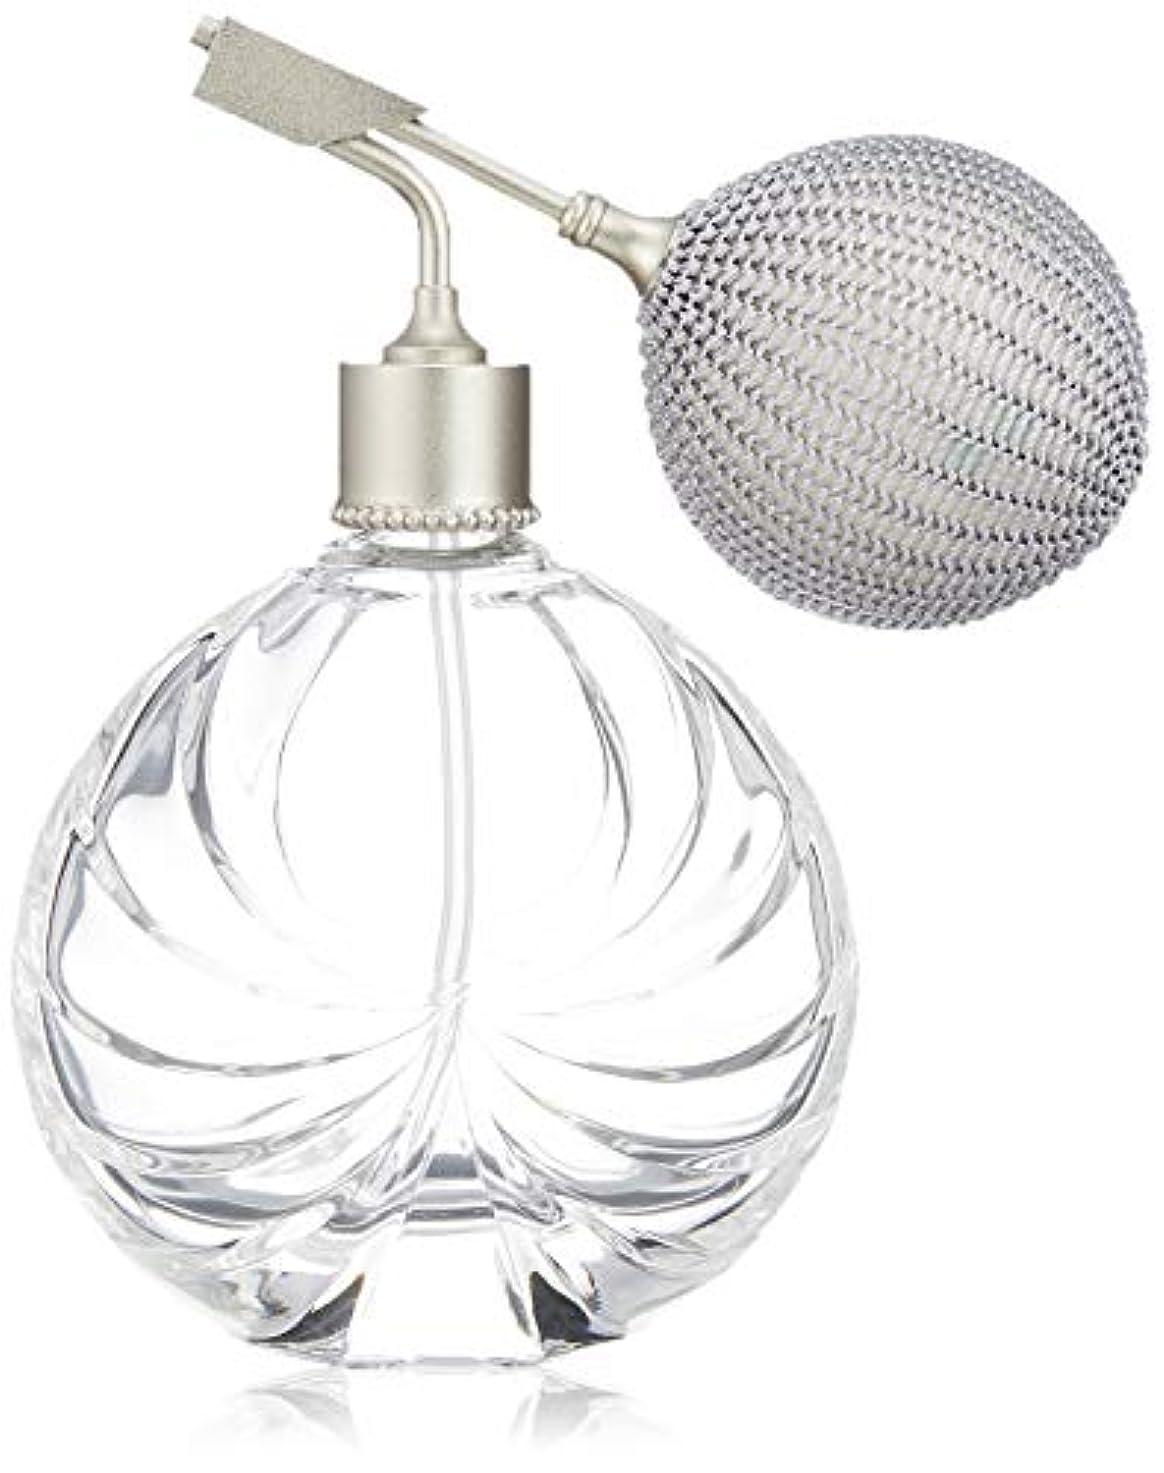 混雑委任するテレックスヒロセアトマイザー フランス製香水瓶50ML Upper East Side 369872 (50MLタクジョウ) CLSV